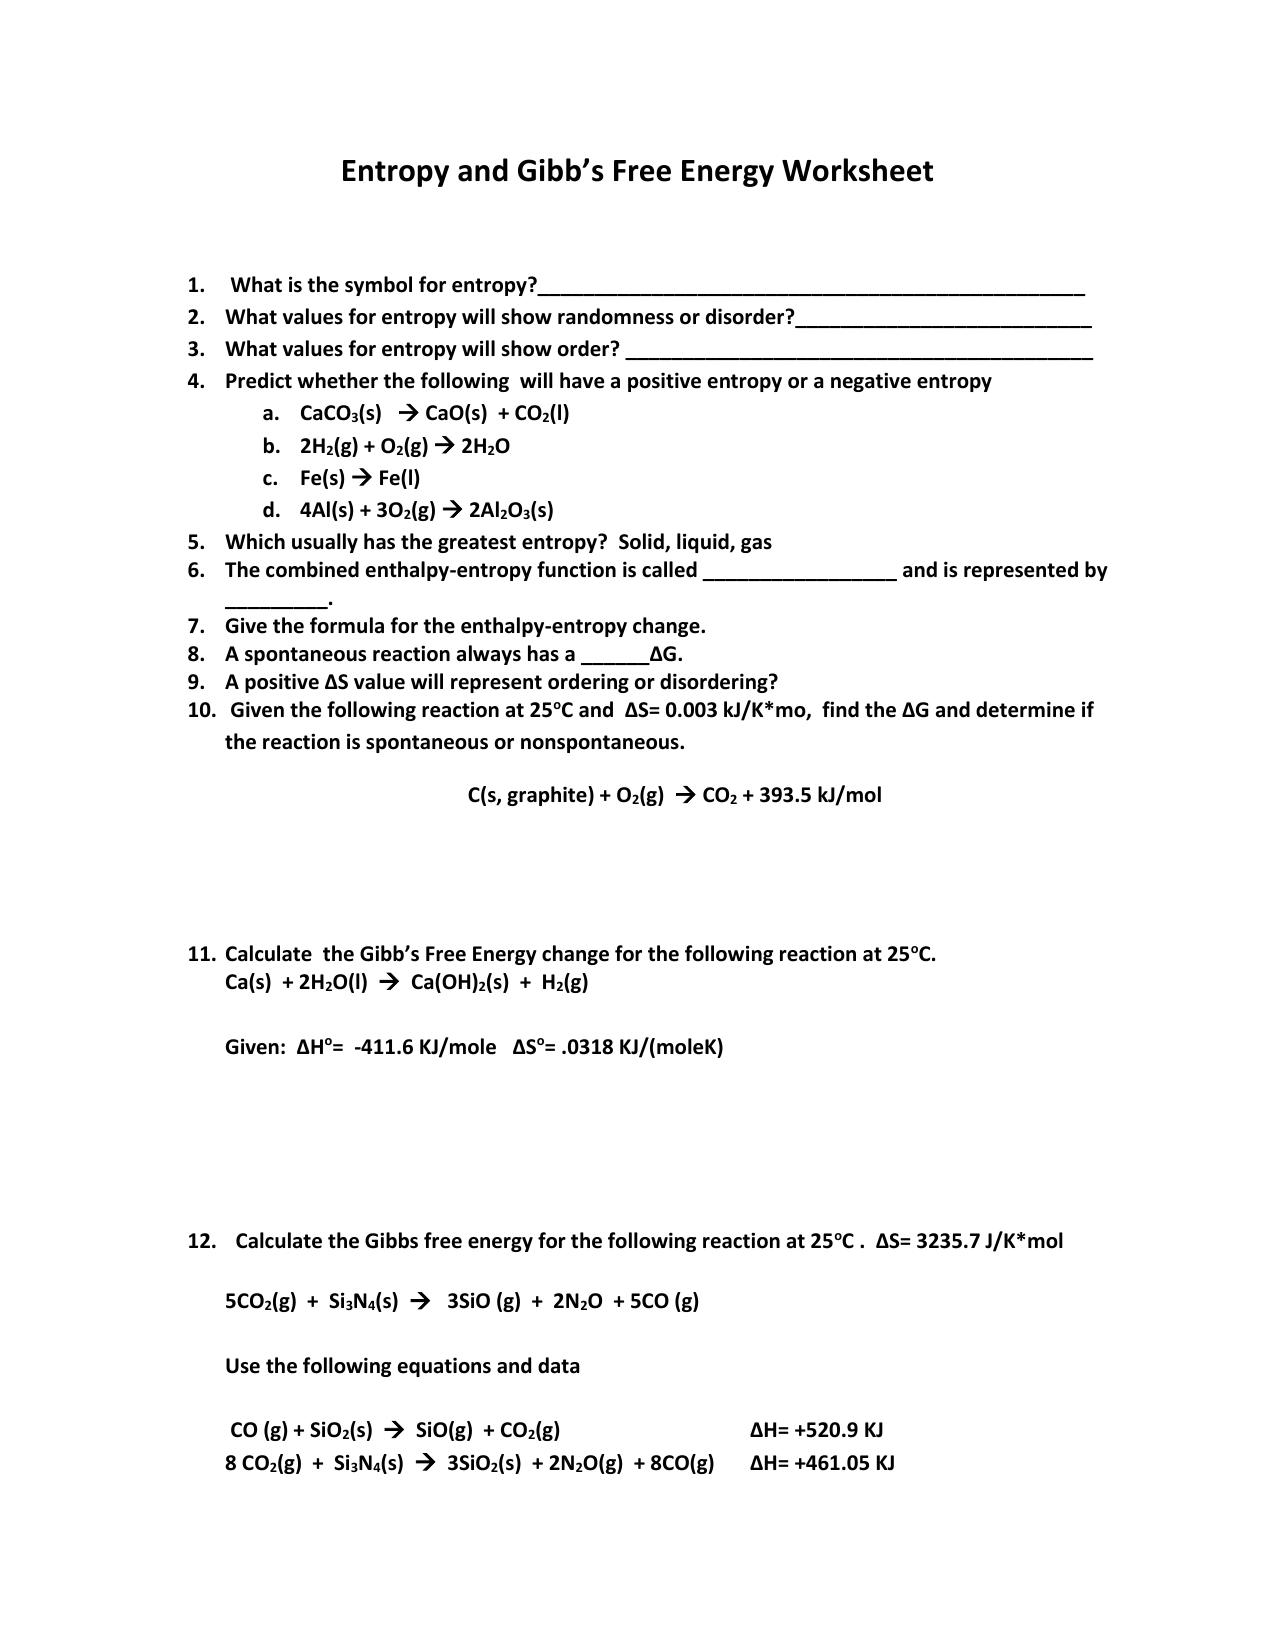 Gibbs Free Energy Worksheet